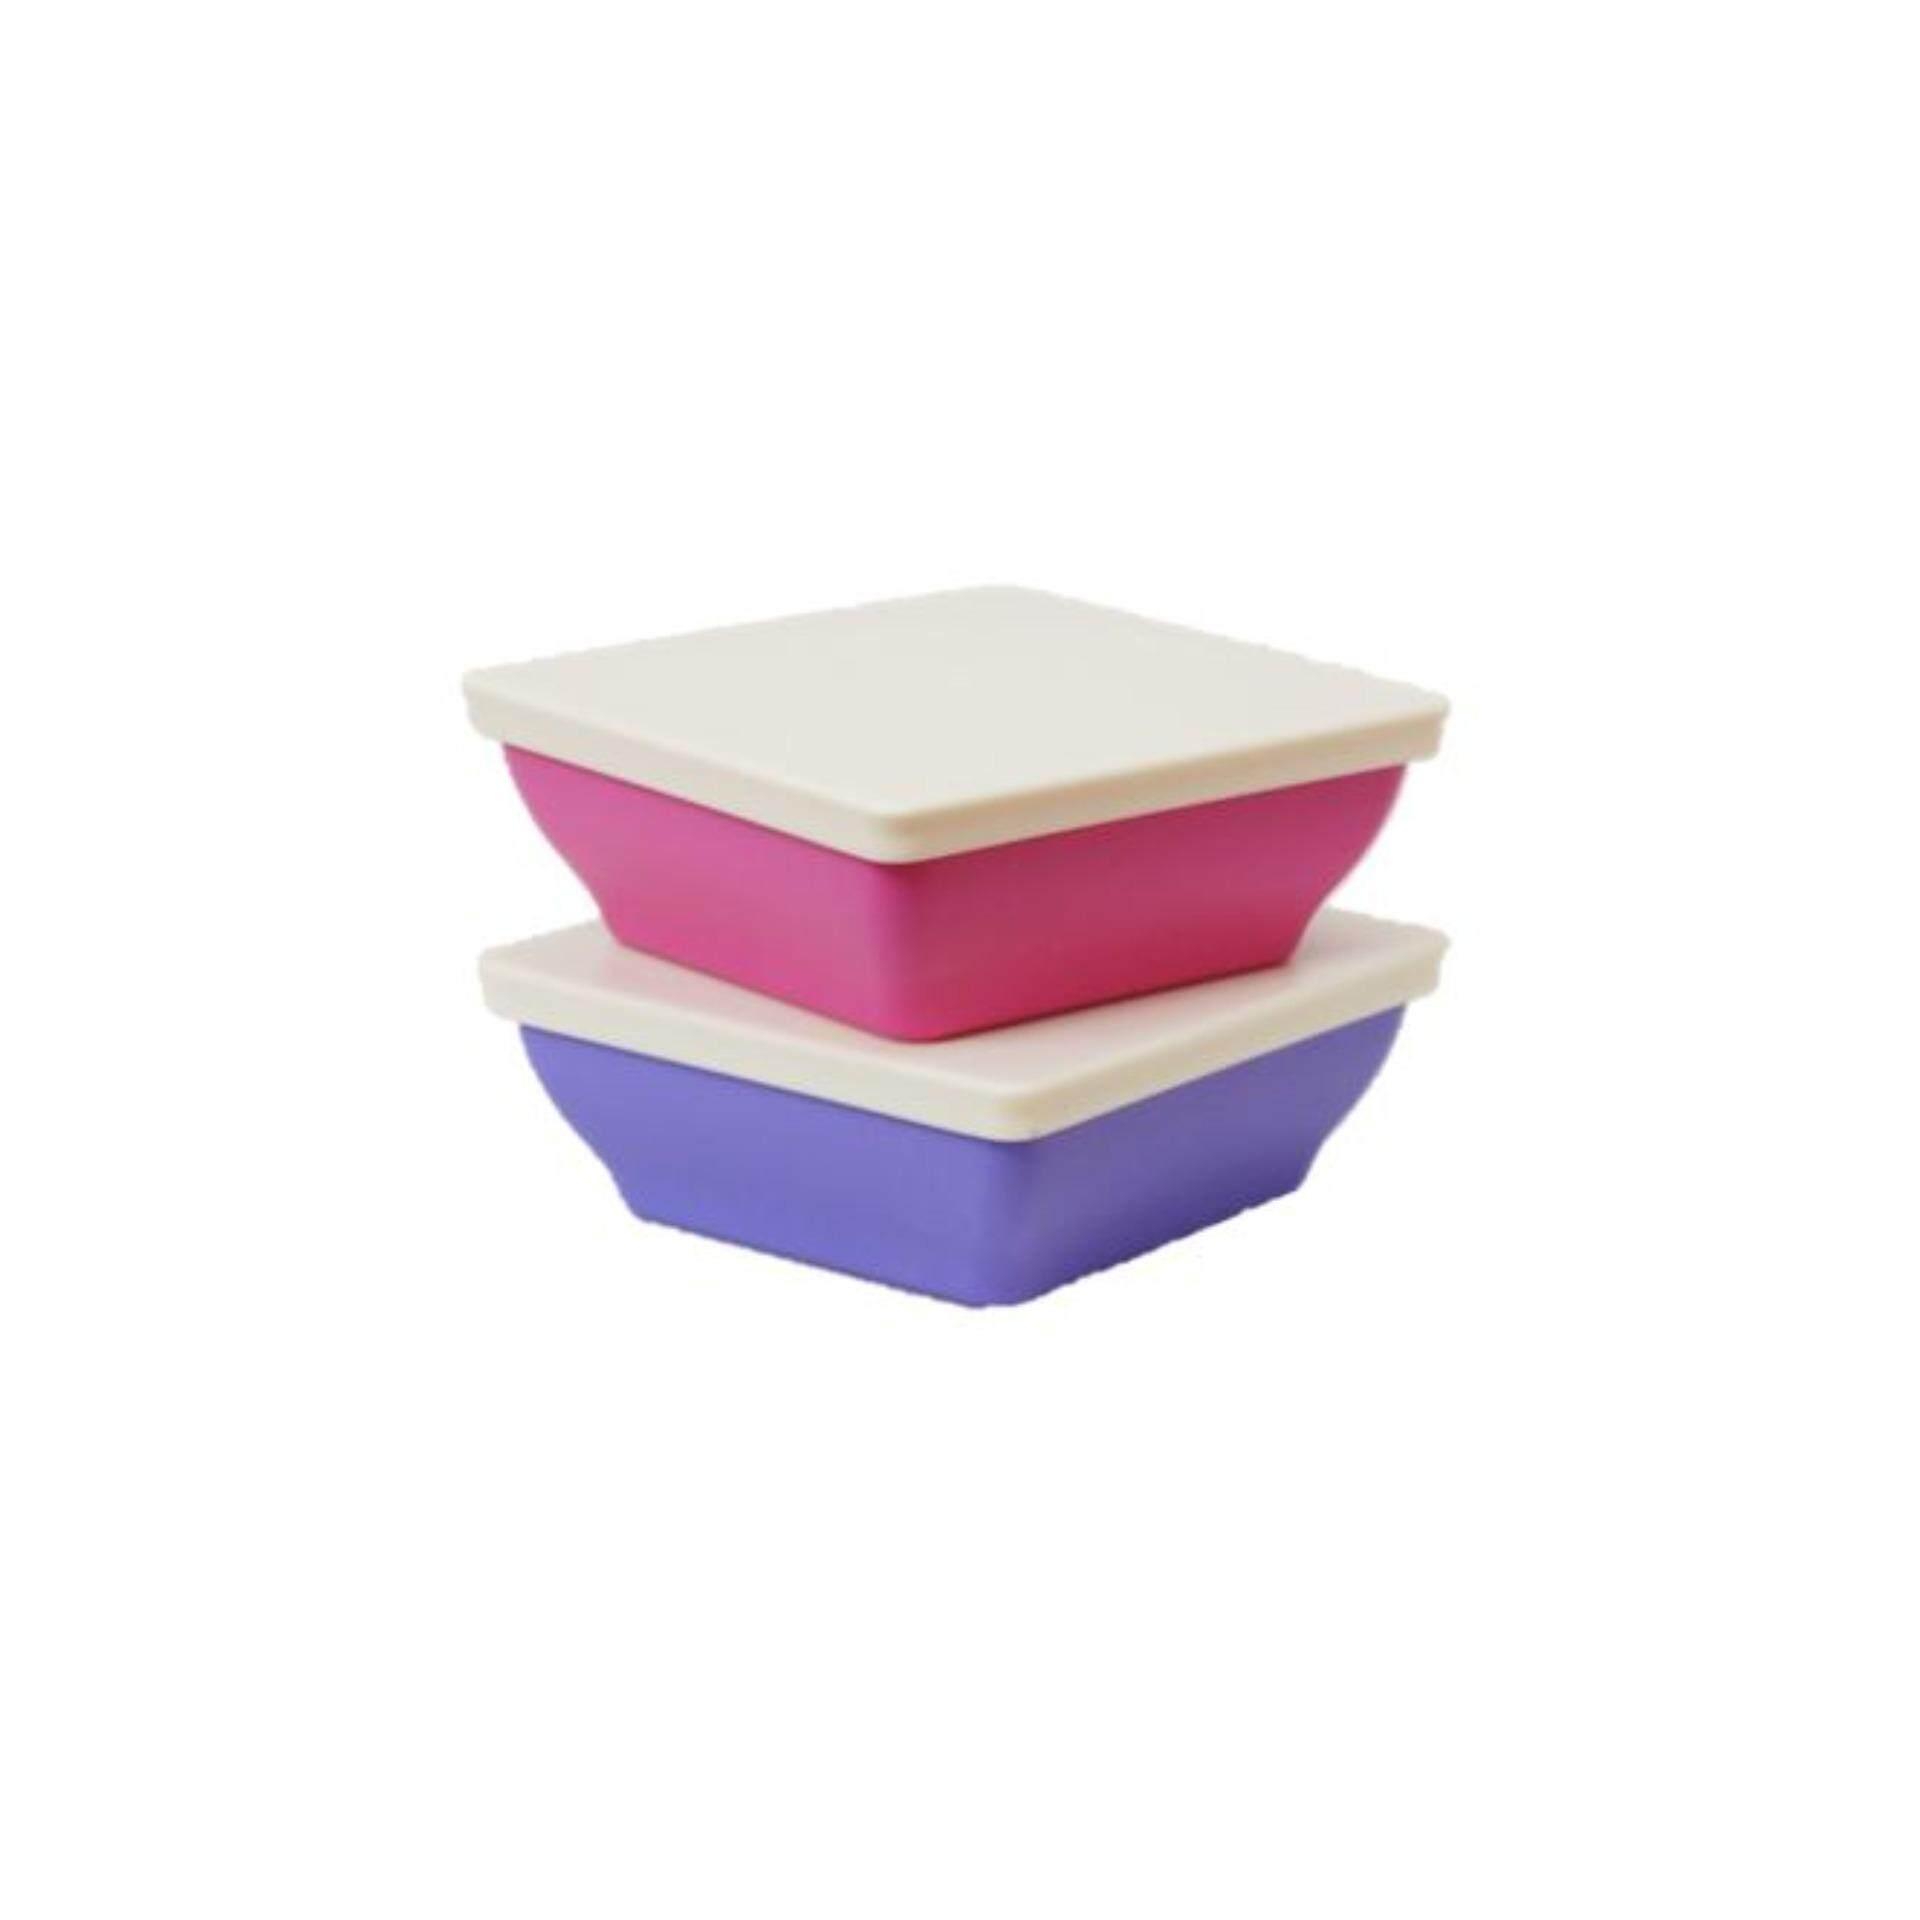 Tupperware Zen Square Small (2) 200ml - Pink & Purple